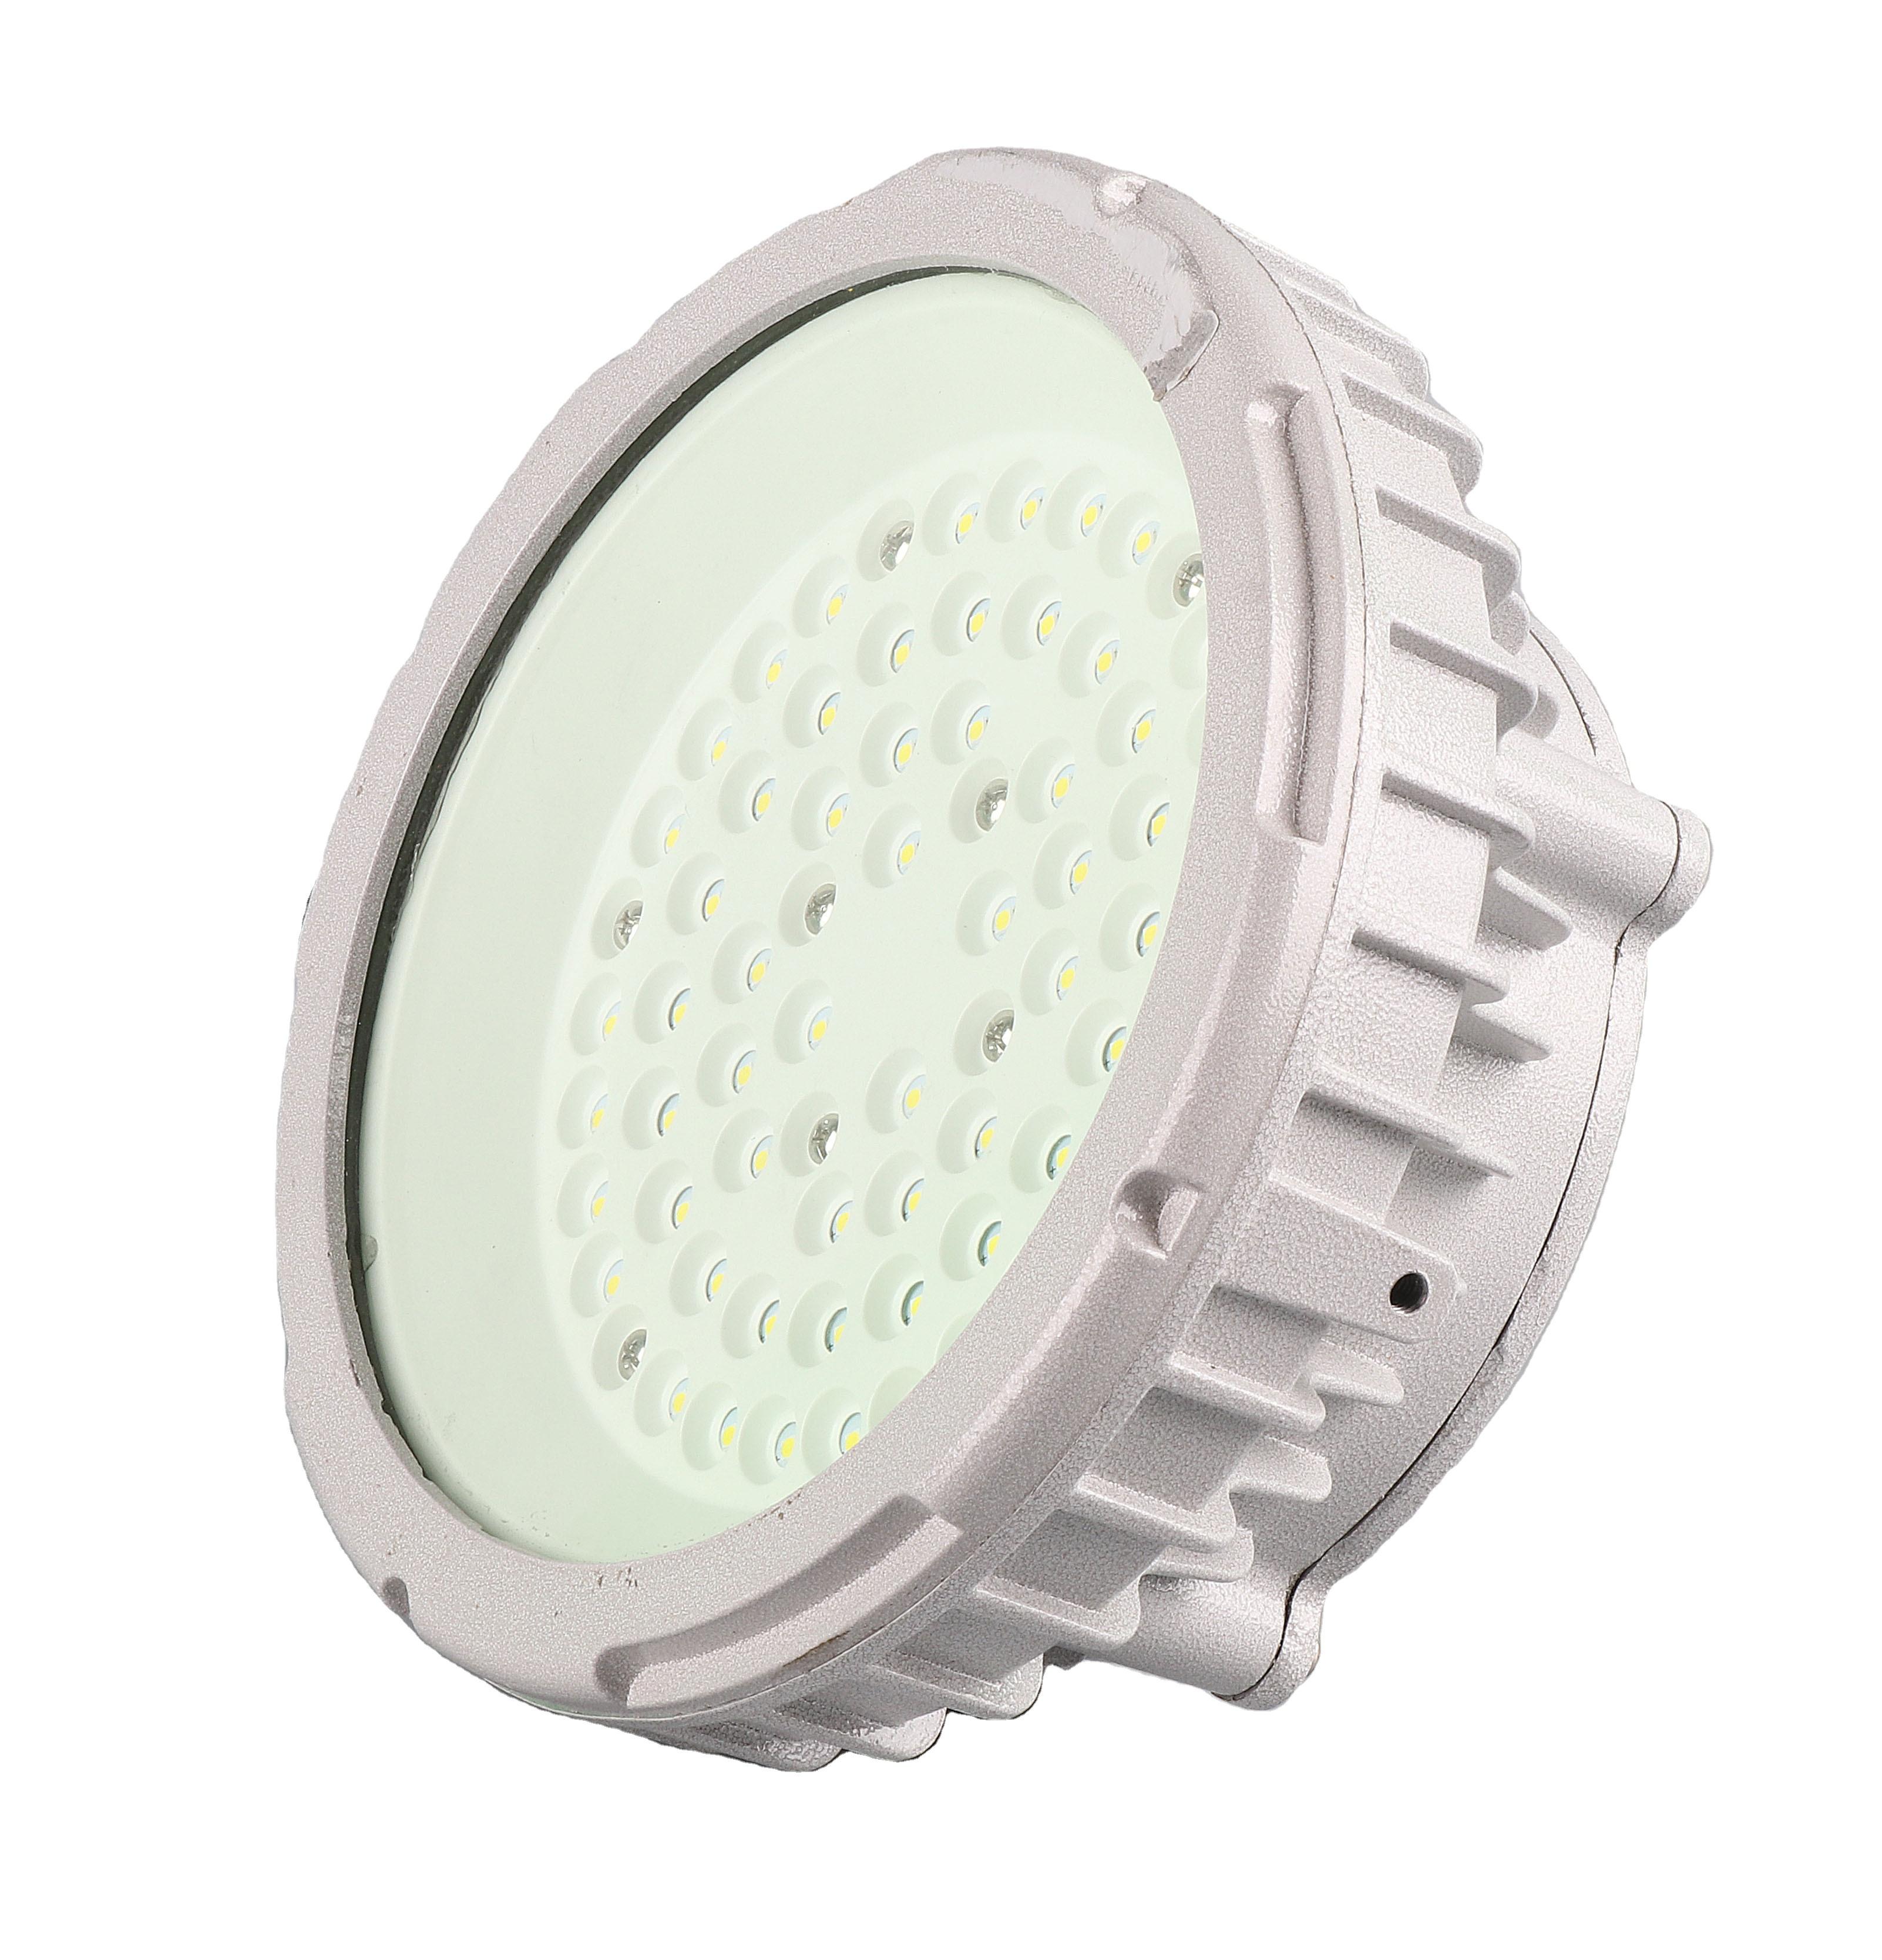 Explosion-proof lighting 120lm 120w 120w 20w 40w 60w 80w W white LED lamp power supply project